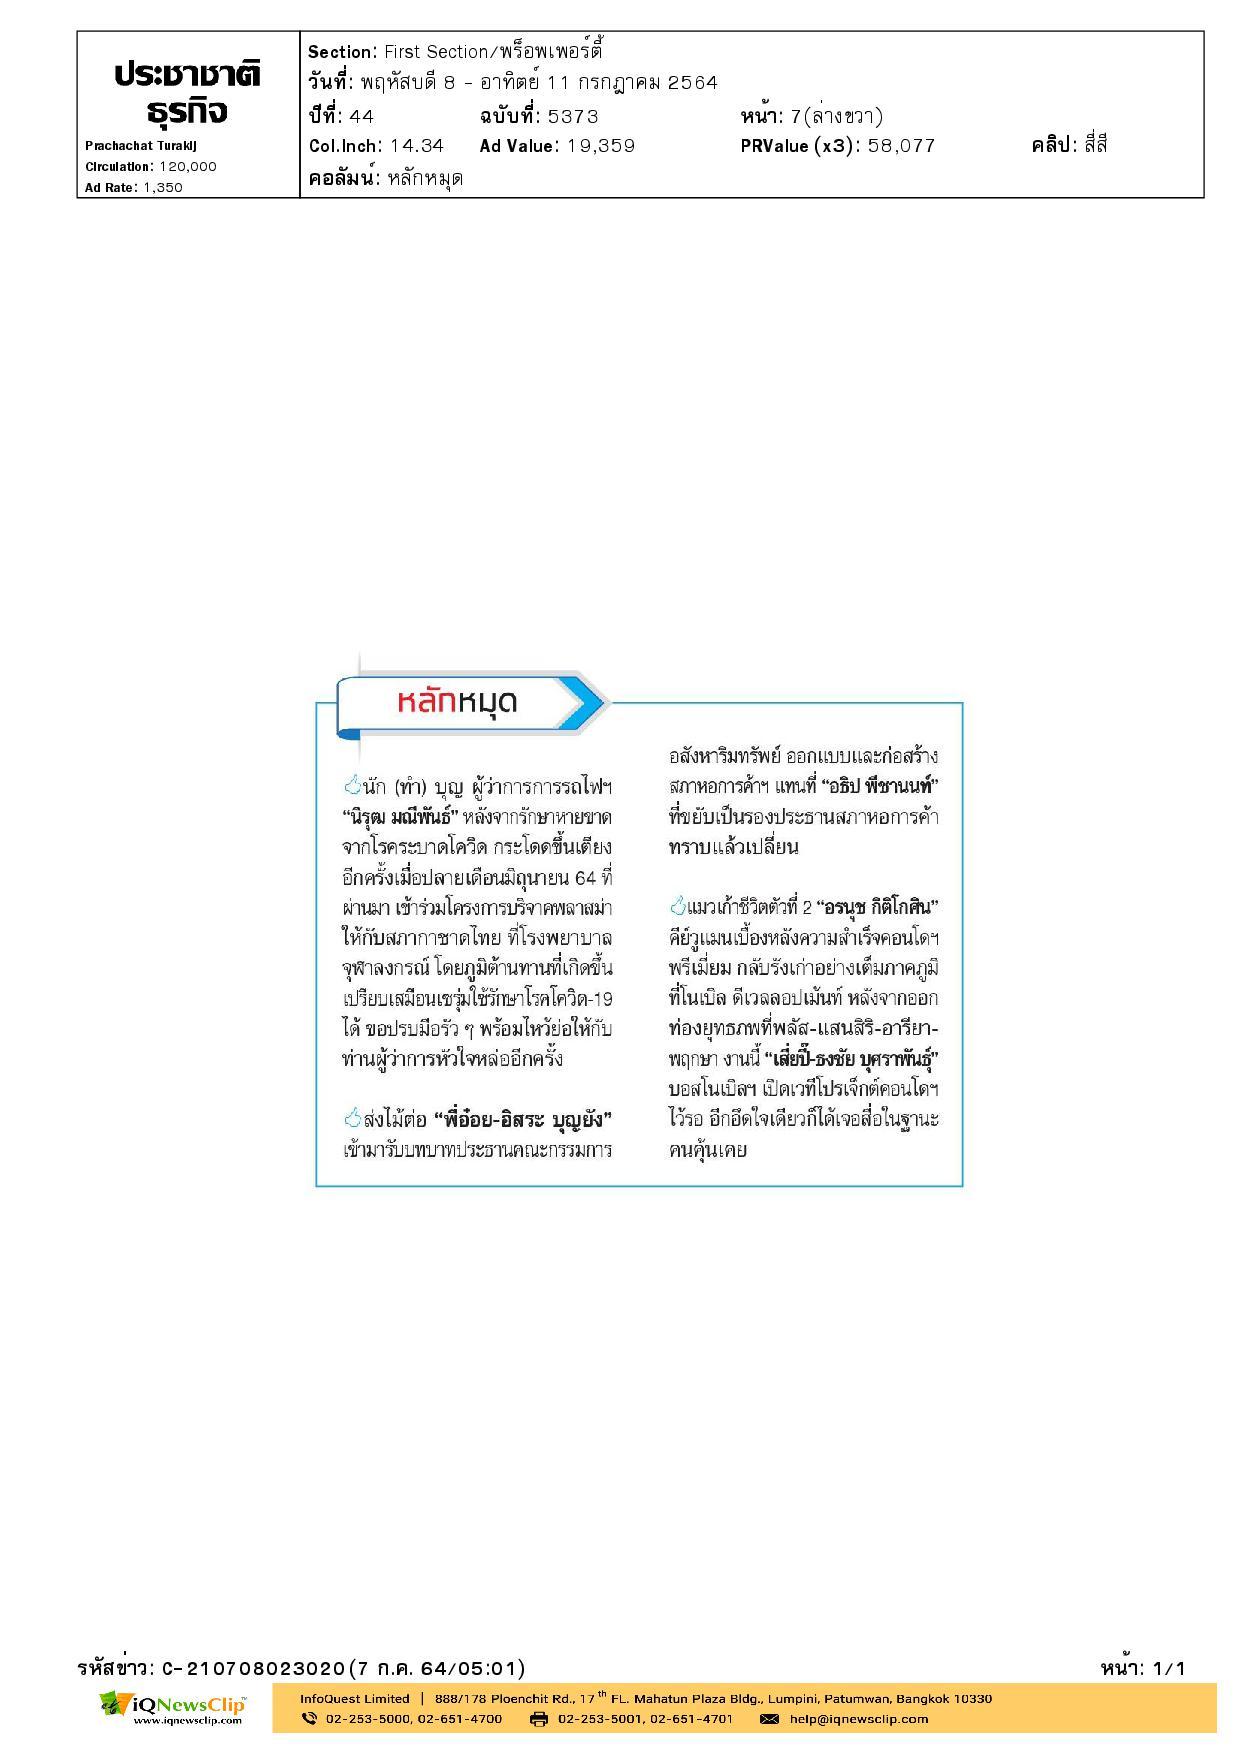 โครงการบริจาคพลาสมาให้กับสภากาชาดไทย